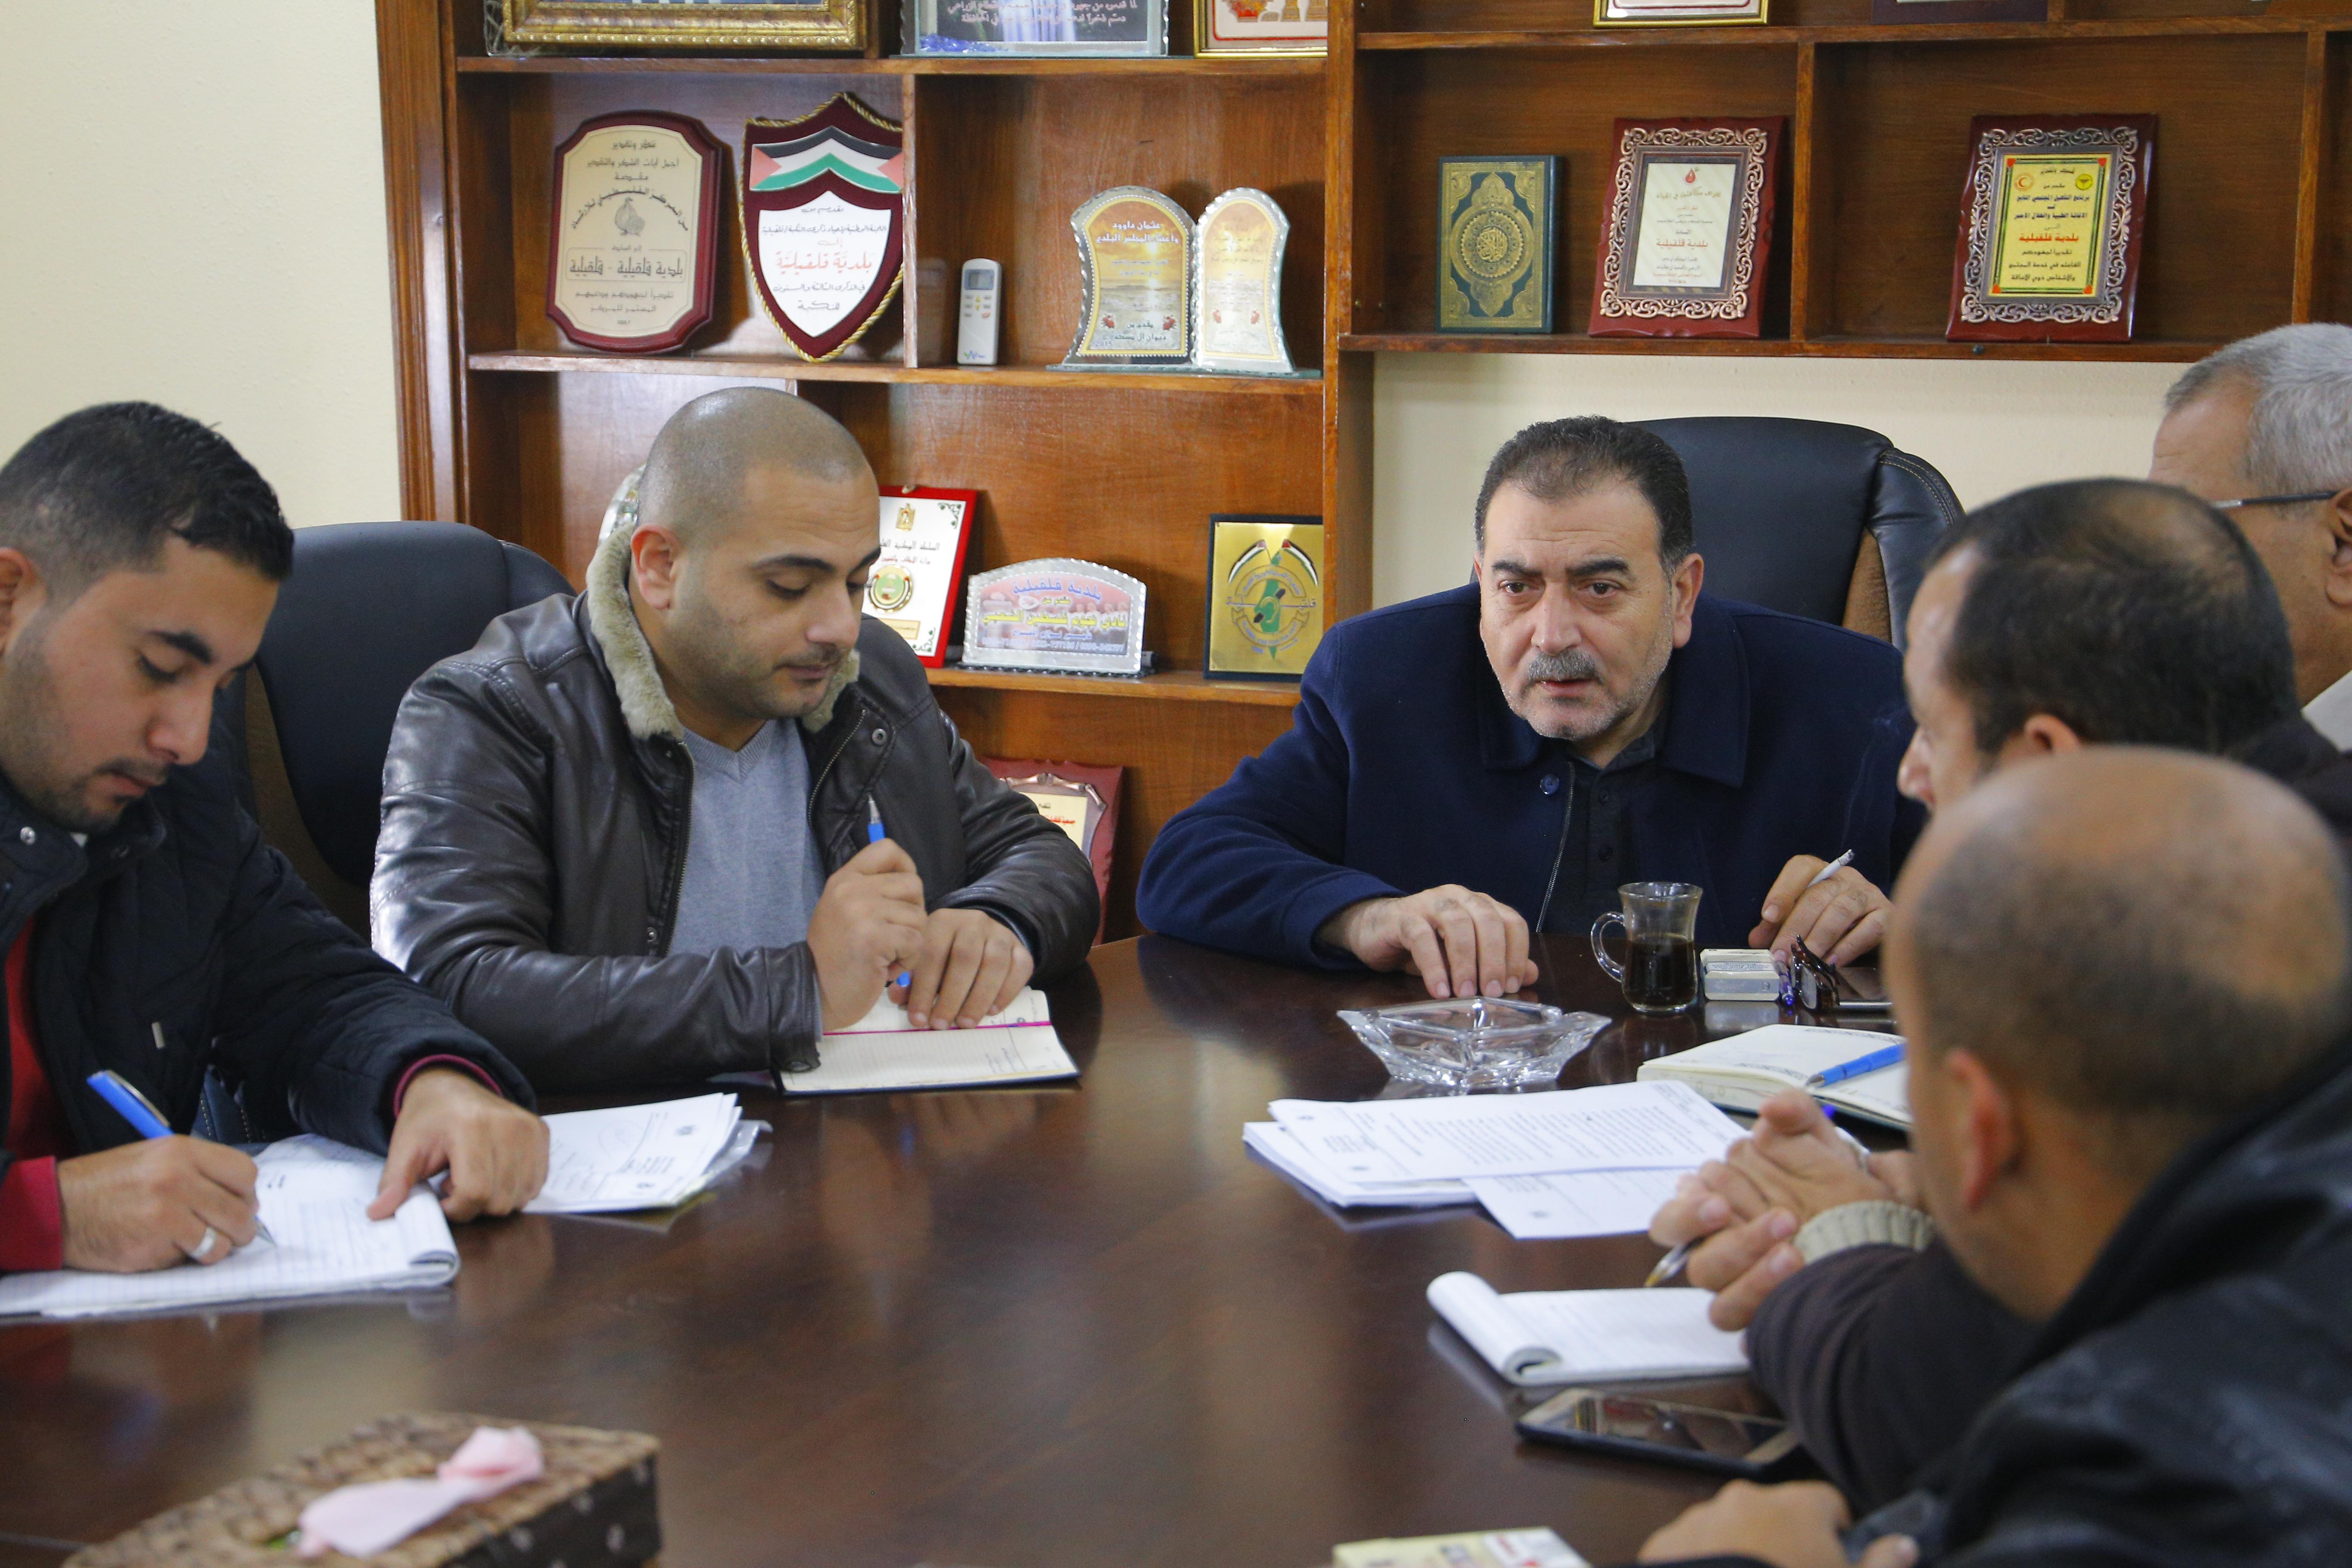 رئيس بلدية قلقيلية د. هاشم المصري يجتمع مع لجنة الطوارئ التي تضم طواقم البلدية من الاقسام المختلفة